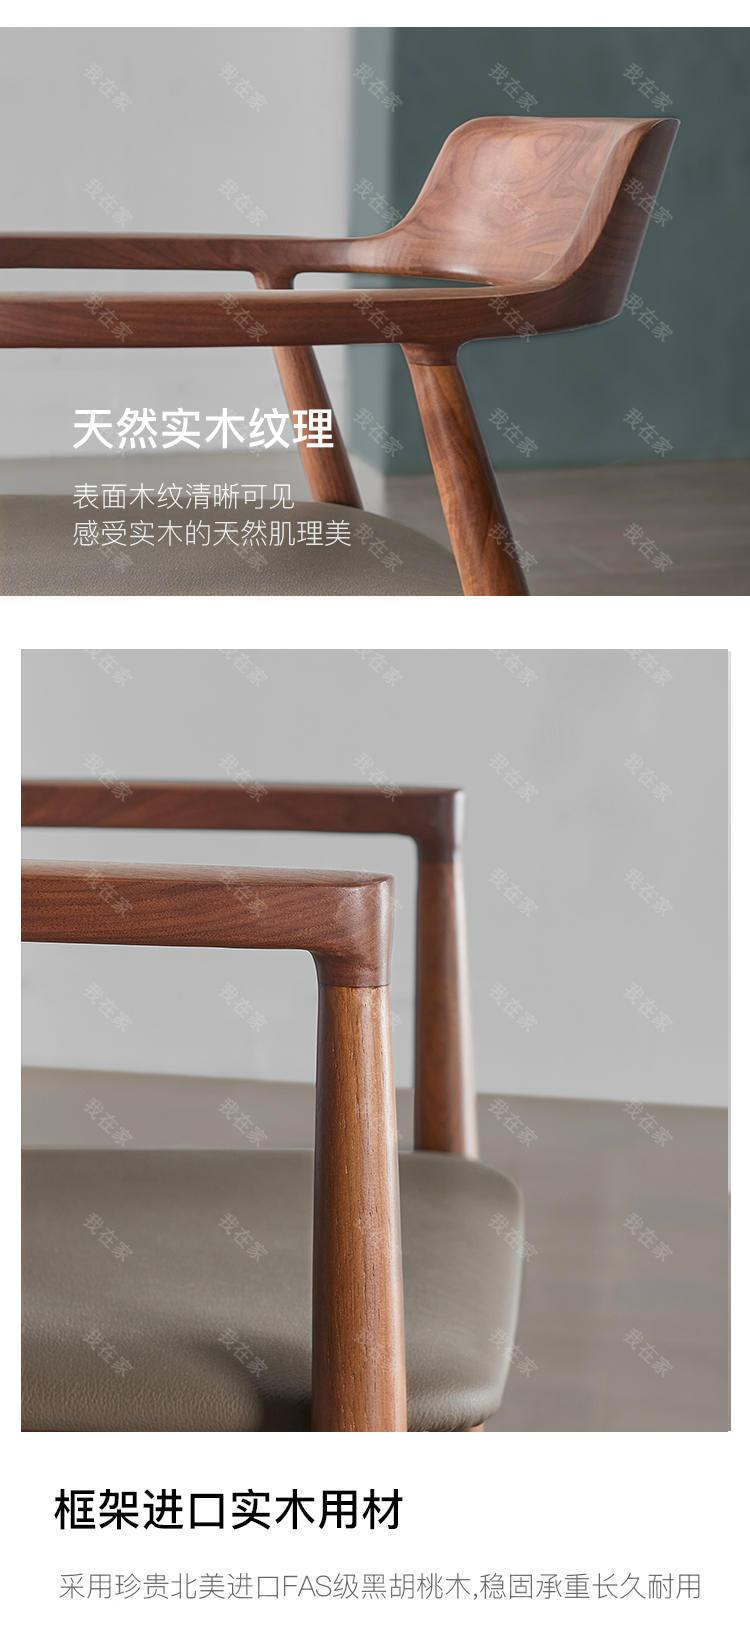 原木北欧风格知夏餐椅的家具详细介绍